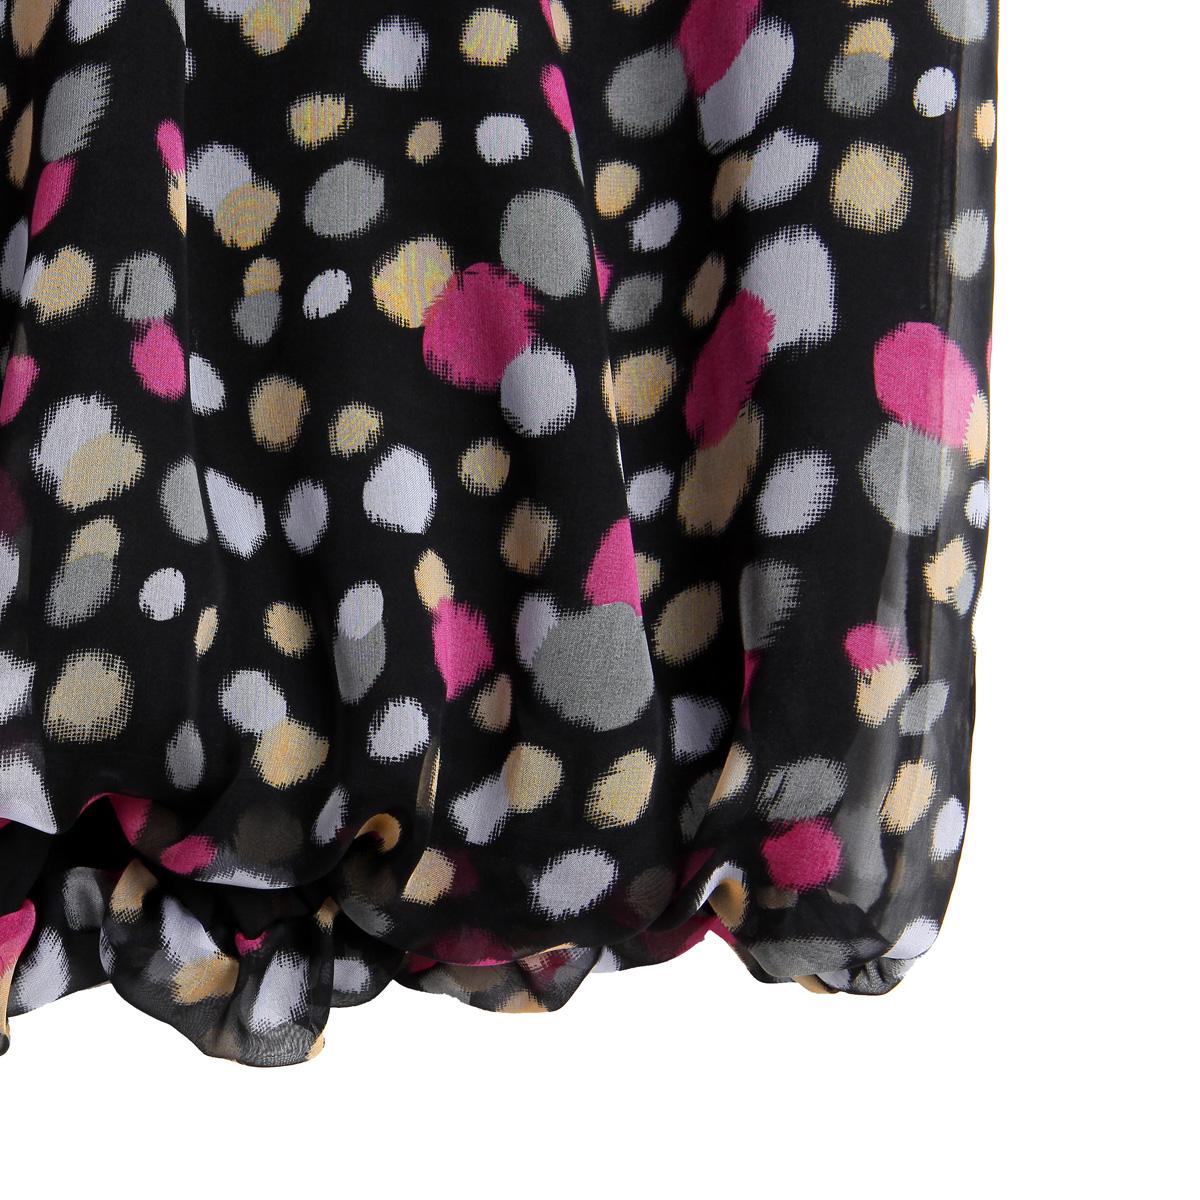 женская рубашка OSA sc10169 O.SA2011 Повседневный Без рукавов В горошек Оборка О-вырез